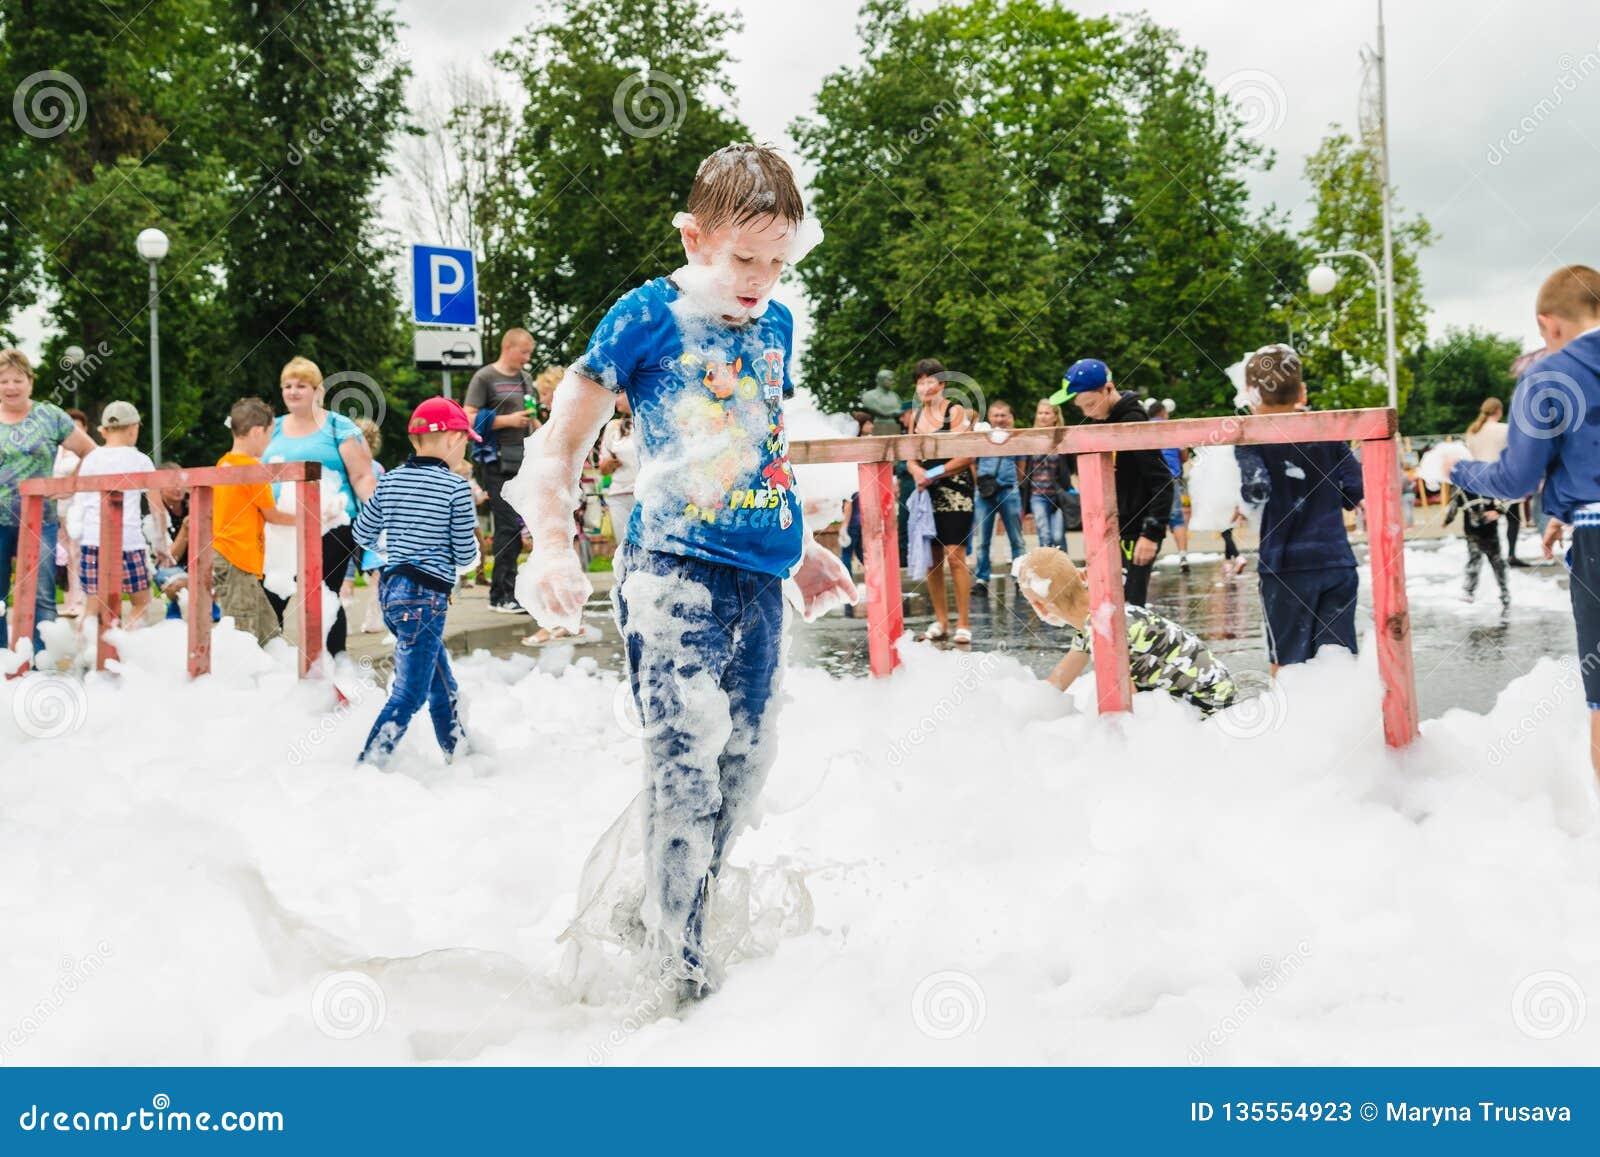 HORKI, WEISSRUSSLAND - 25. JULI 2018: Spiele eines wenig blonde Jungen mit luftigem weißem Schaum am Feiertag des Rettungsdiensts